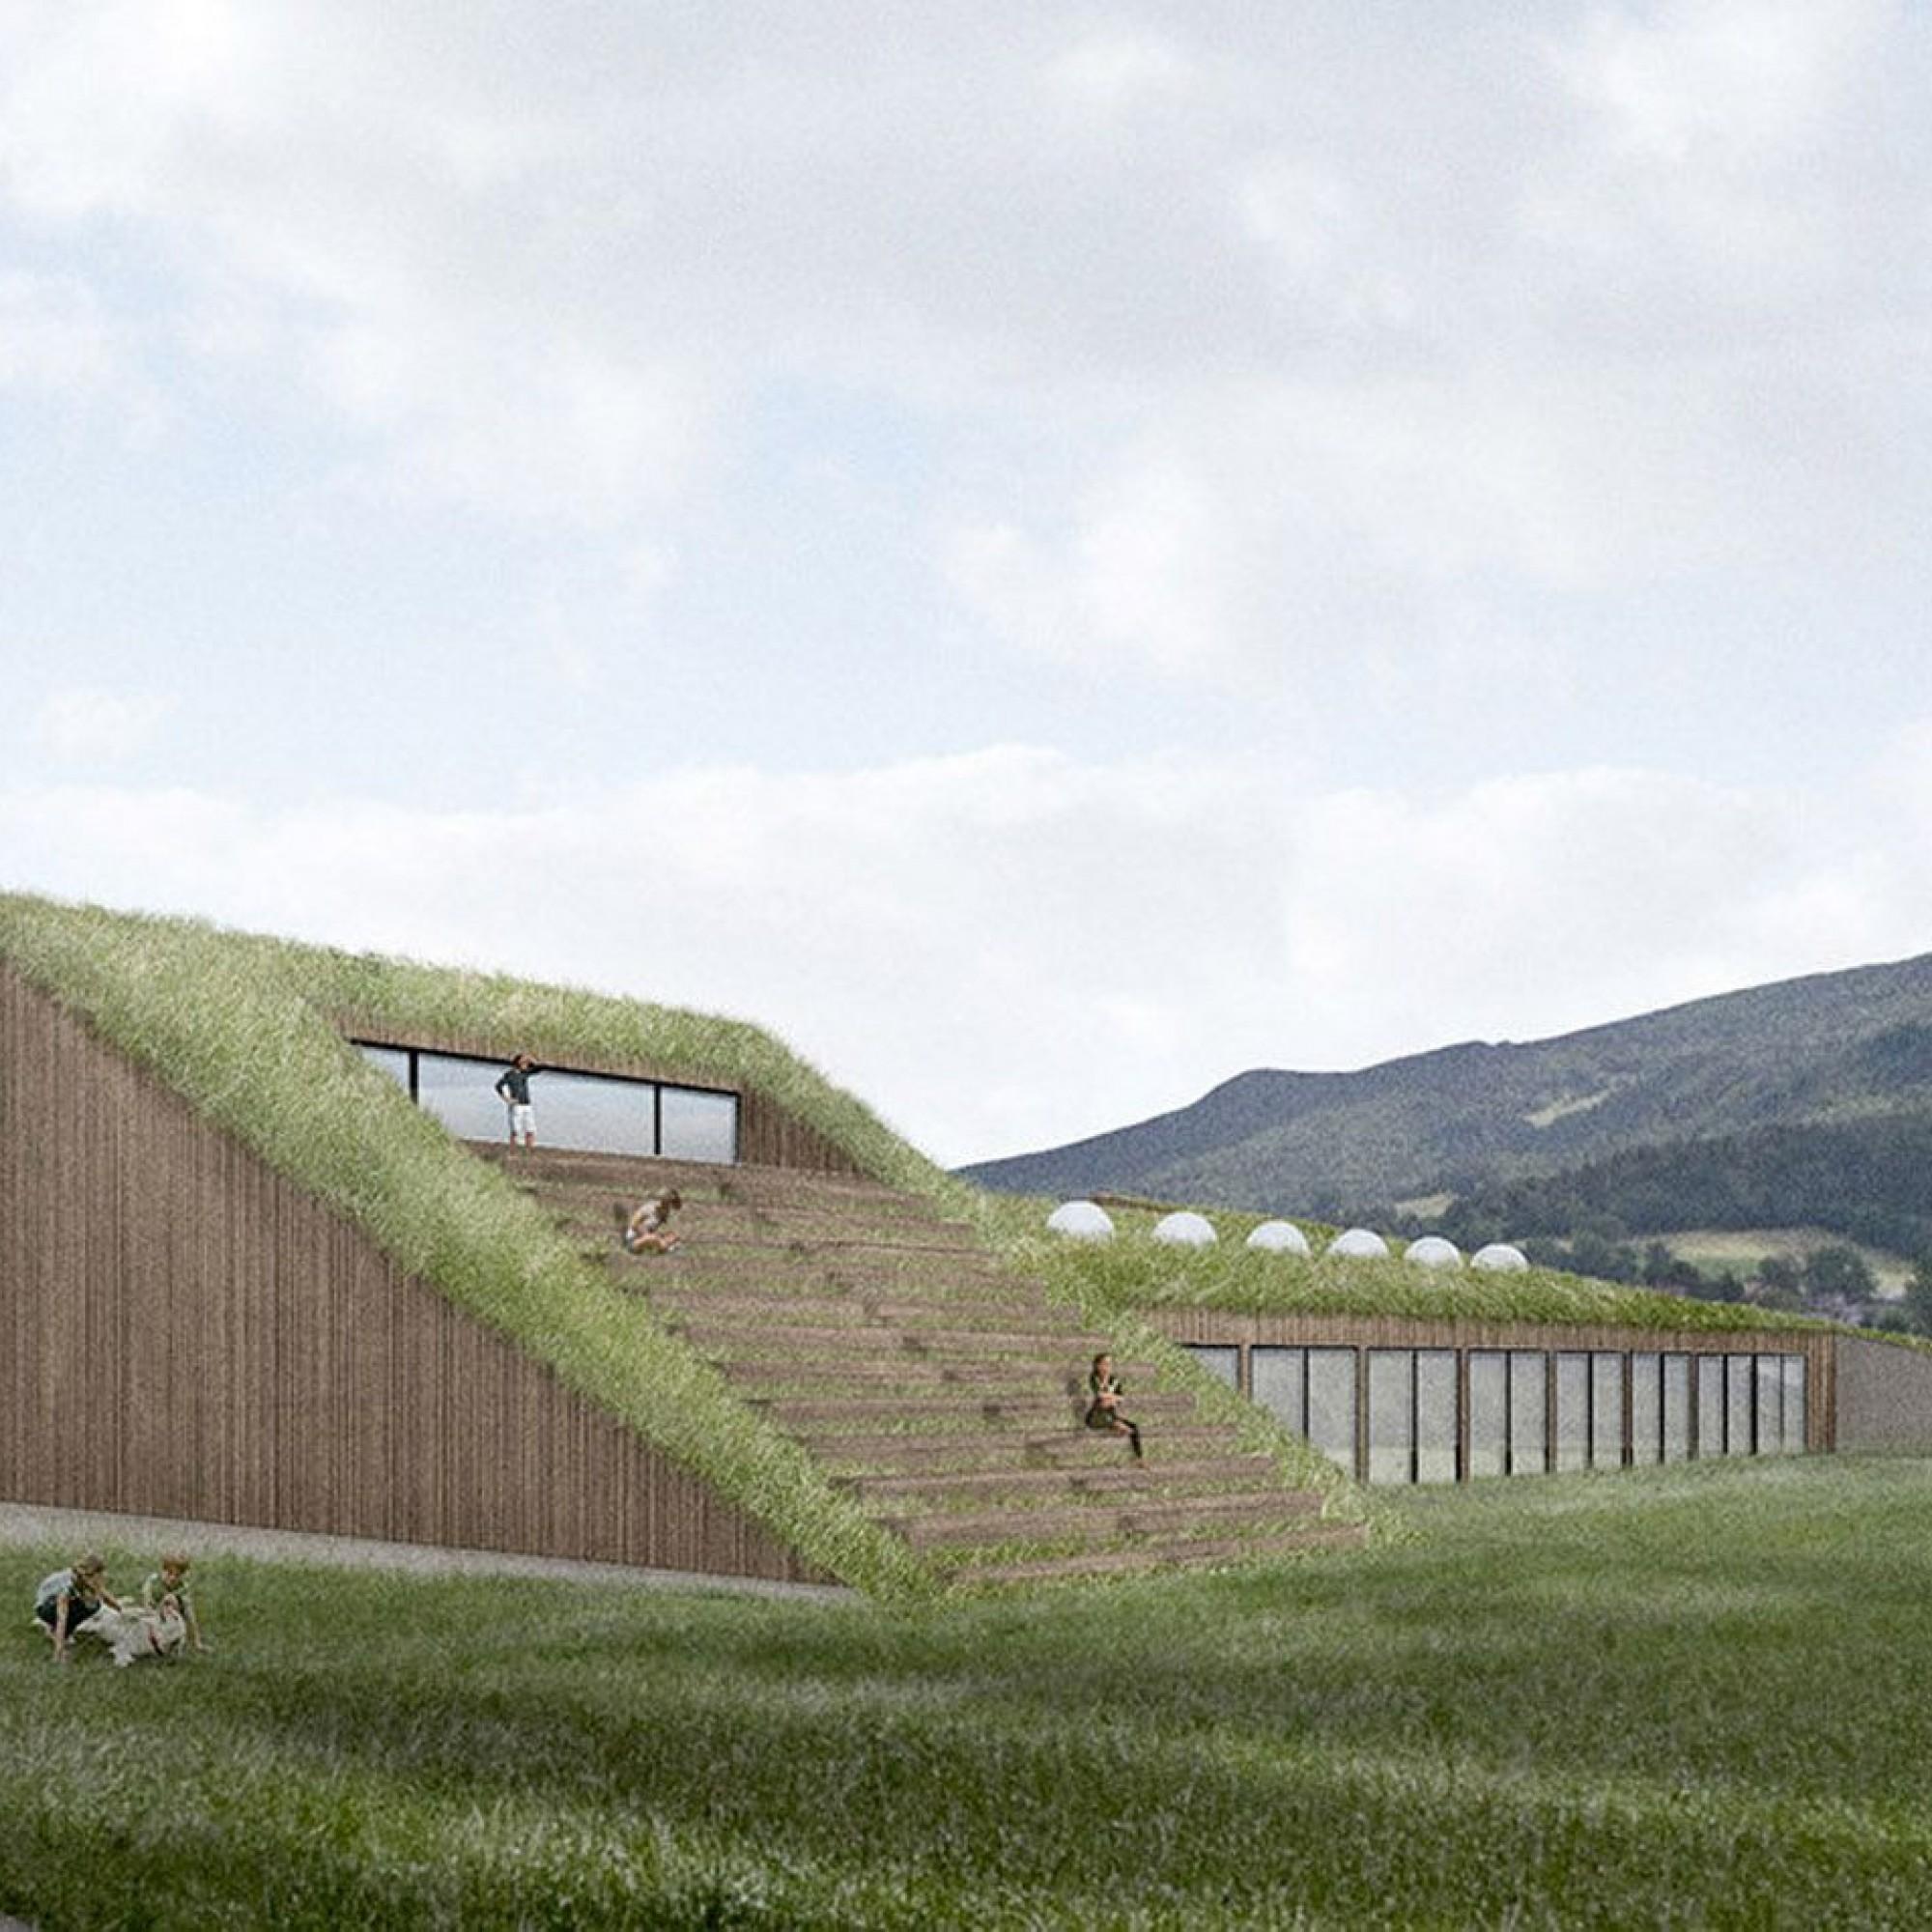 Das dreistöckige Gebäude mit Grasdach soll sich harmonisch in die Landschaft einfügen